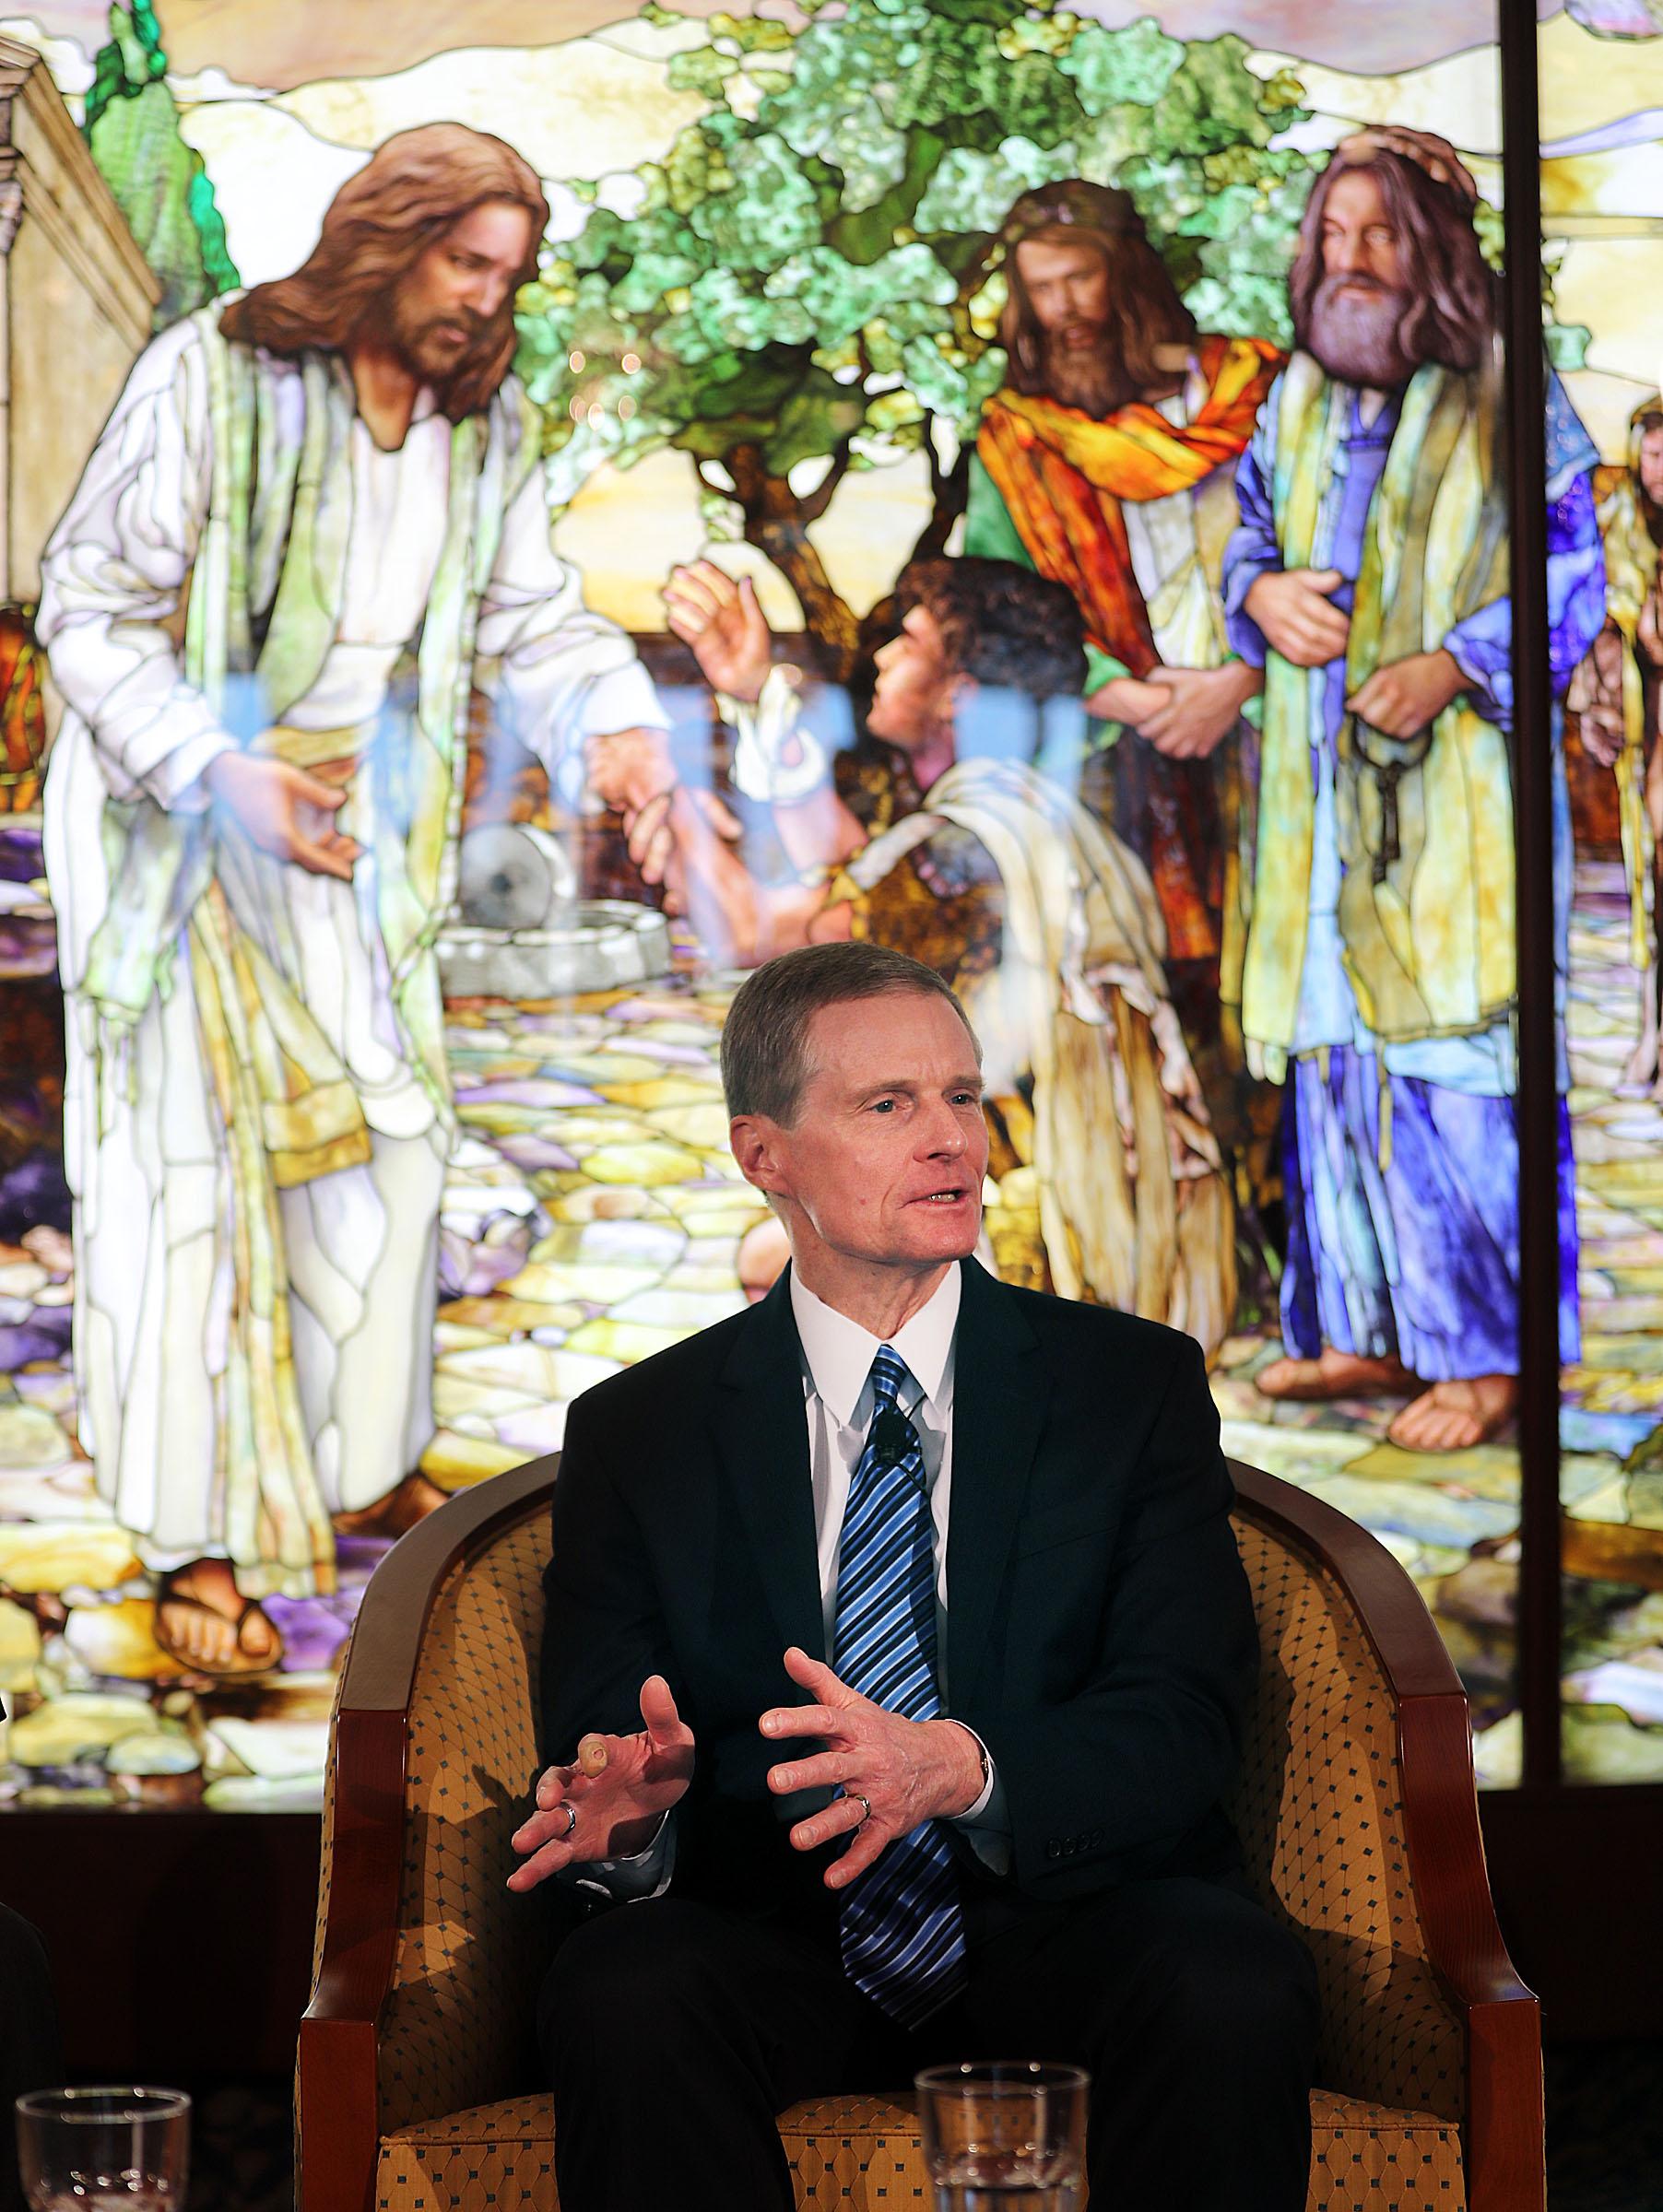 El élder David A. Bednar, del Quórum de los Doce Apóstoles, responde una pregunta durante una conferencia de prensa en el Centro de Visitantes del Templo de Roma de La Iglesia de Jesucristo de los Santos de los Últimos Días el lunes 14 de enero de 2019.